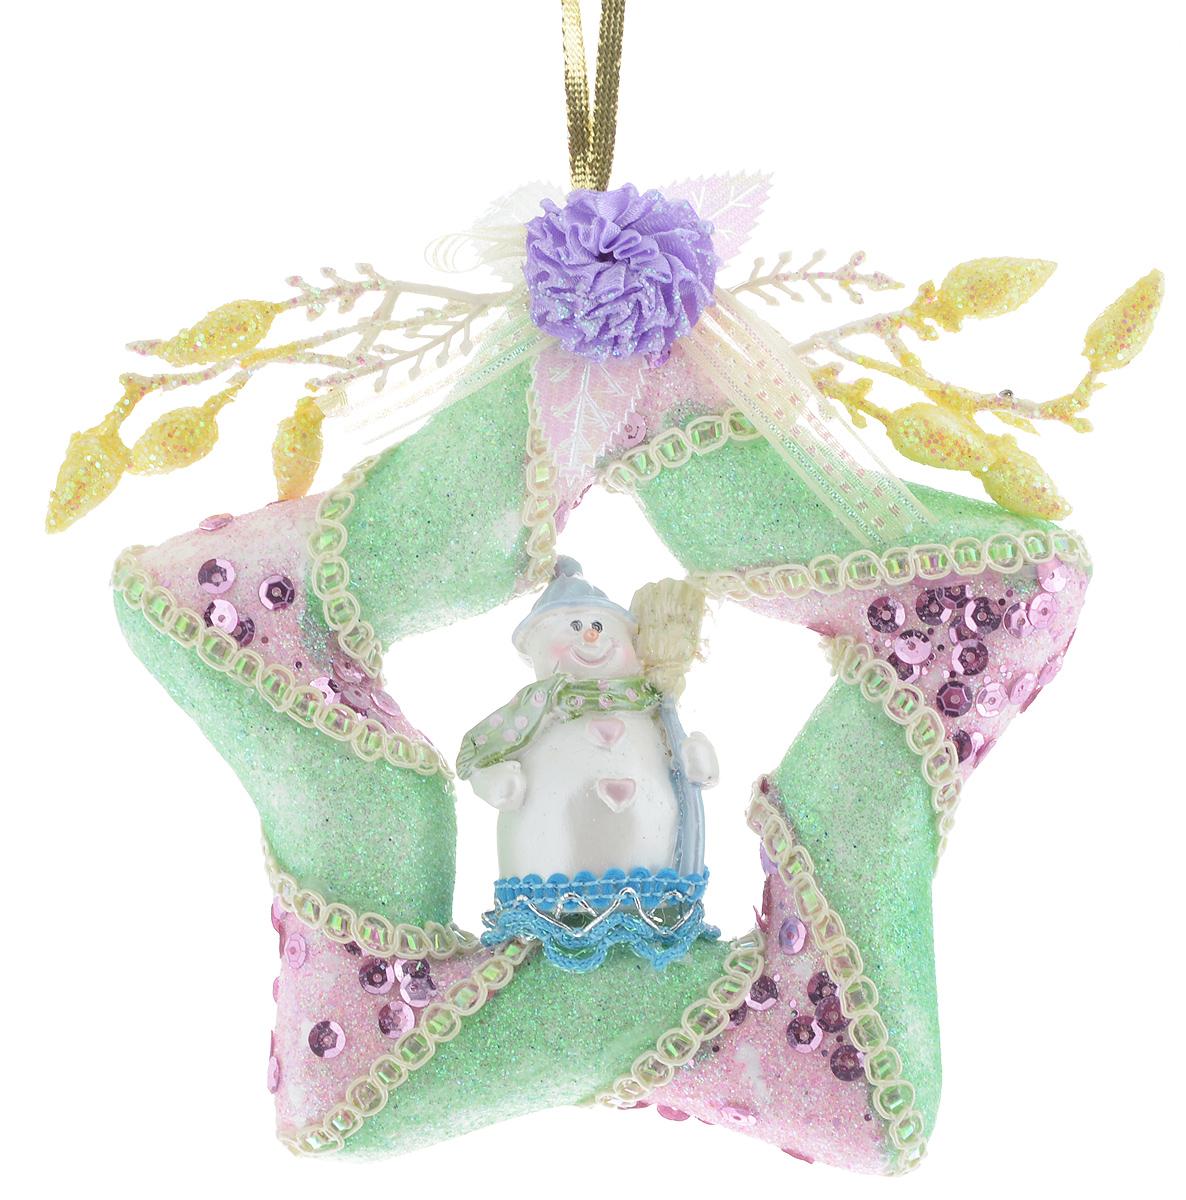 Украшение новогоднее подвесное Winter Wings Звезда, 13 х 14 х 2,7 смN180452Новогоднее подвесное украшение Winter Wings Звезда прекрасно подойдет для праздничного декора новогодней ели. Изделие выполнено из высококачественного полирезина. Для удобного размещения на елке на украшении предусмотрена текстильная петелька. Елочная игрушка - символ Нового года. Она несет в себе волшебство и красоту праздника. Создайте в своем доме атмосферу веселья и радости, украшая новогоднюю елку нарядными игрушками, которые будут из года в год накапливать теплоту воспоминаний.Откройте для себя удивительный мир сказок и грез. Почувствуйте волшебные минуты ожидания праздника, создайте новогоднее настроение вашим дорогим и близким.